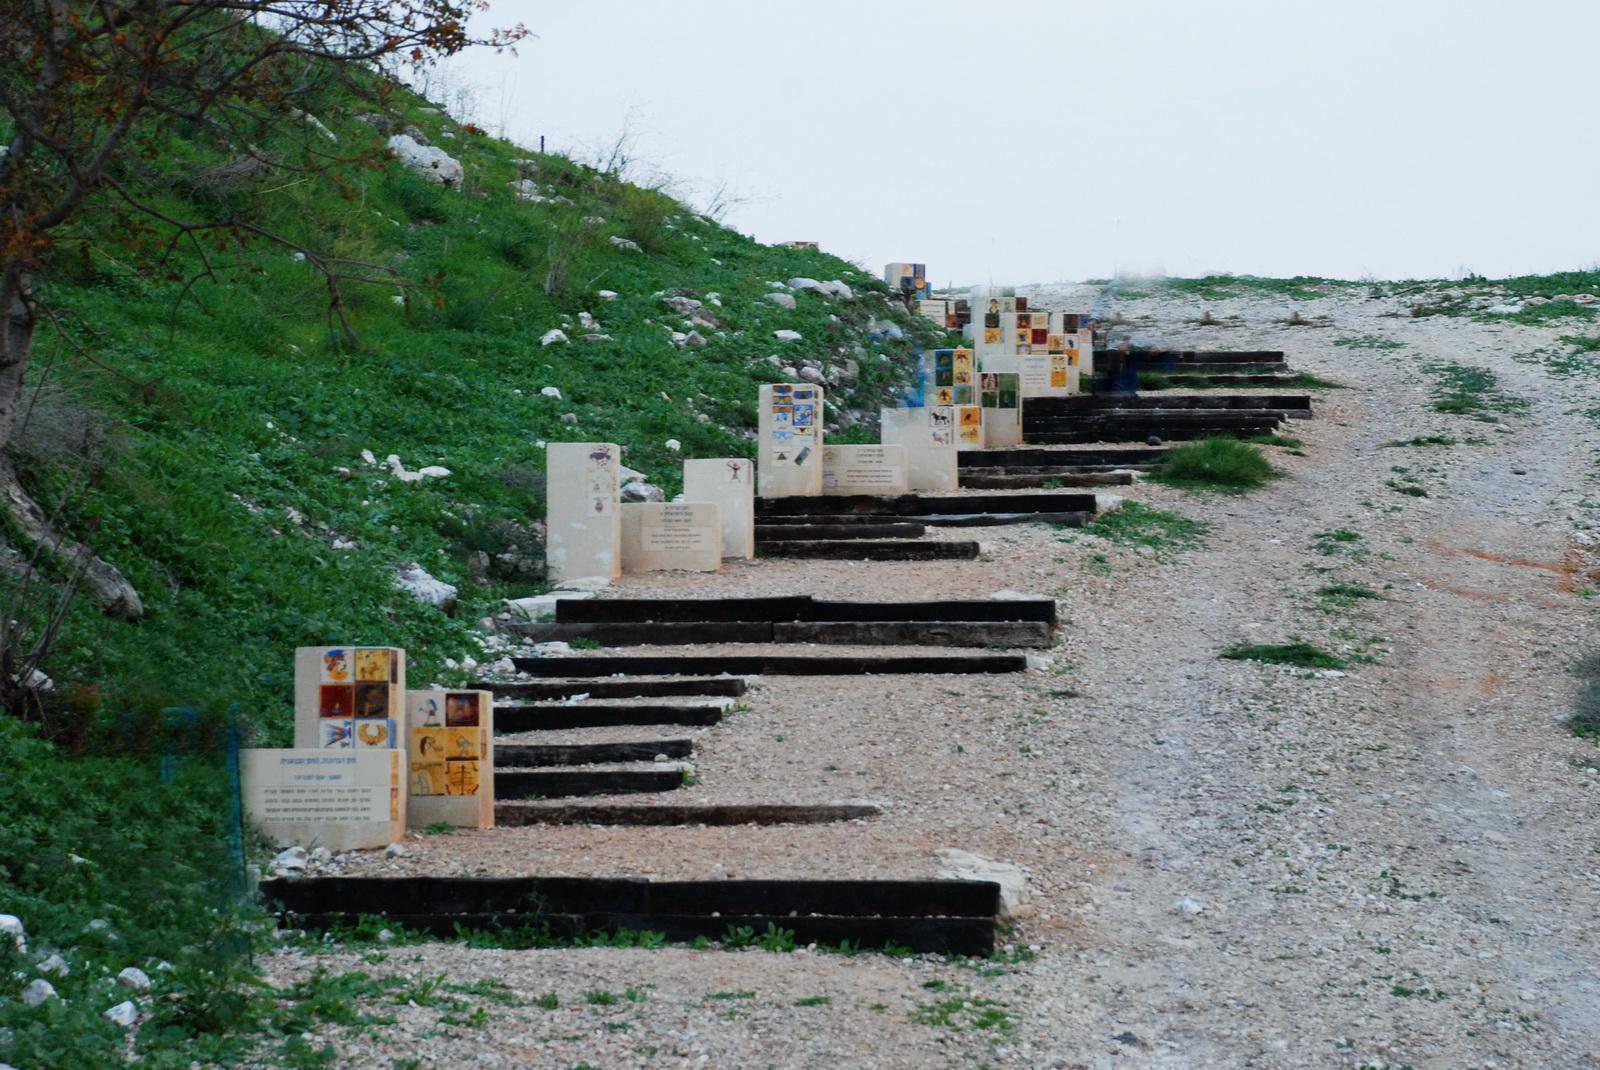 תל יקנעם - המעלה לתל ותצוגת התקופות שנמצאו בו